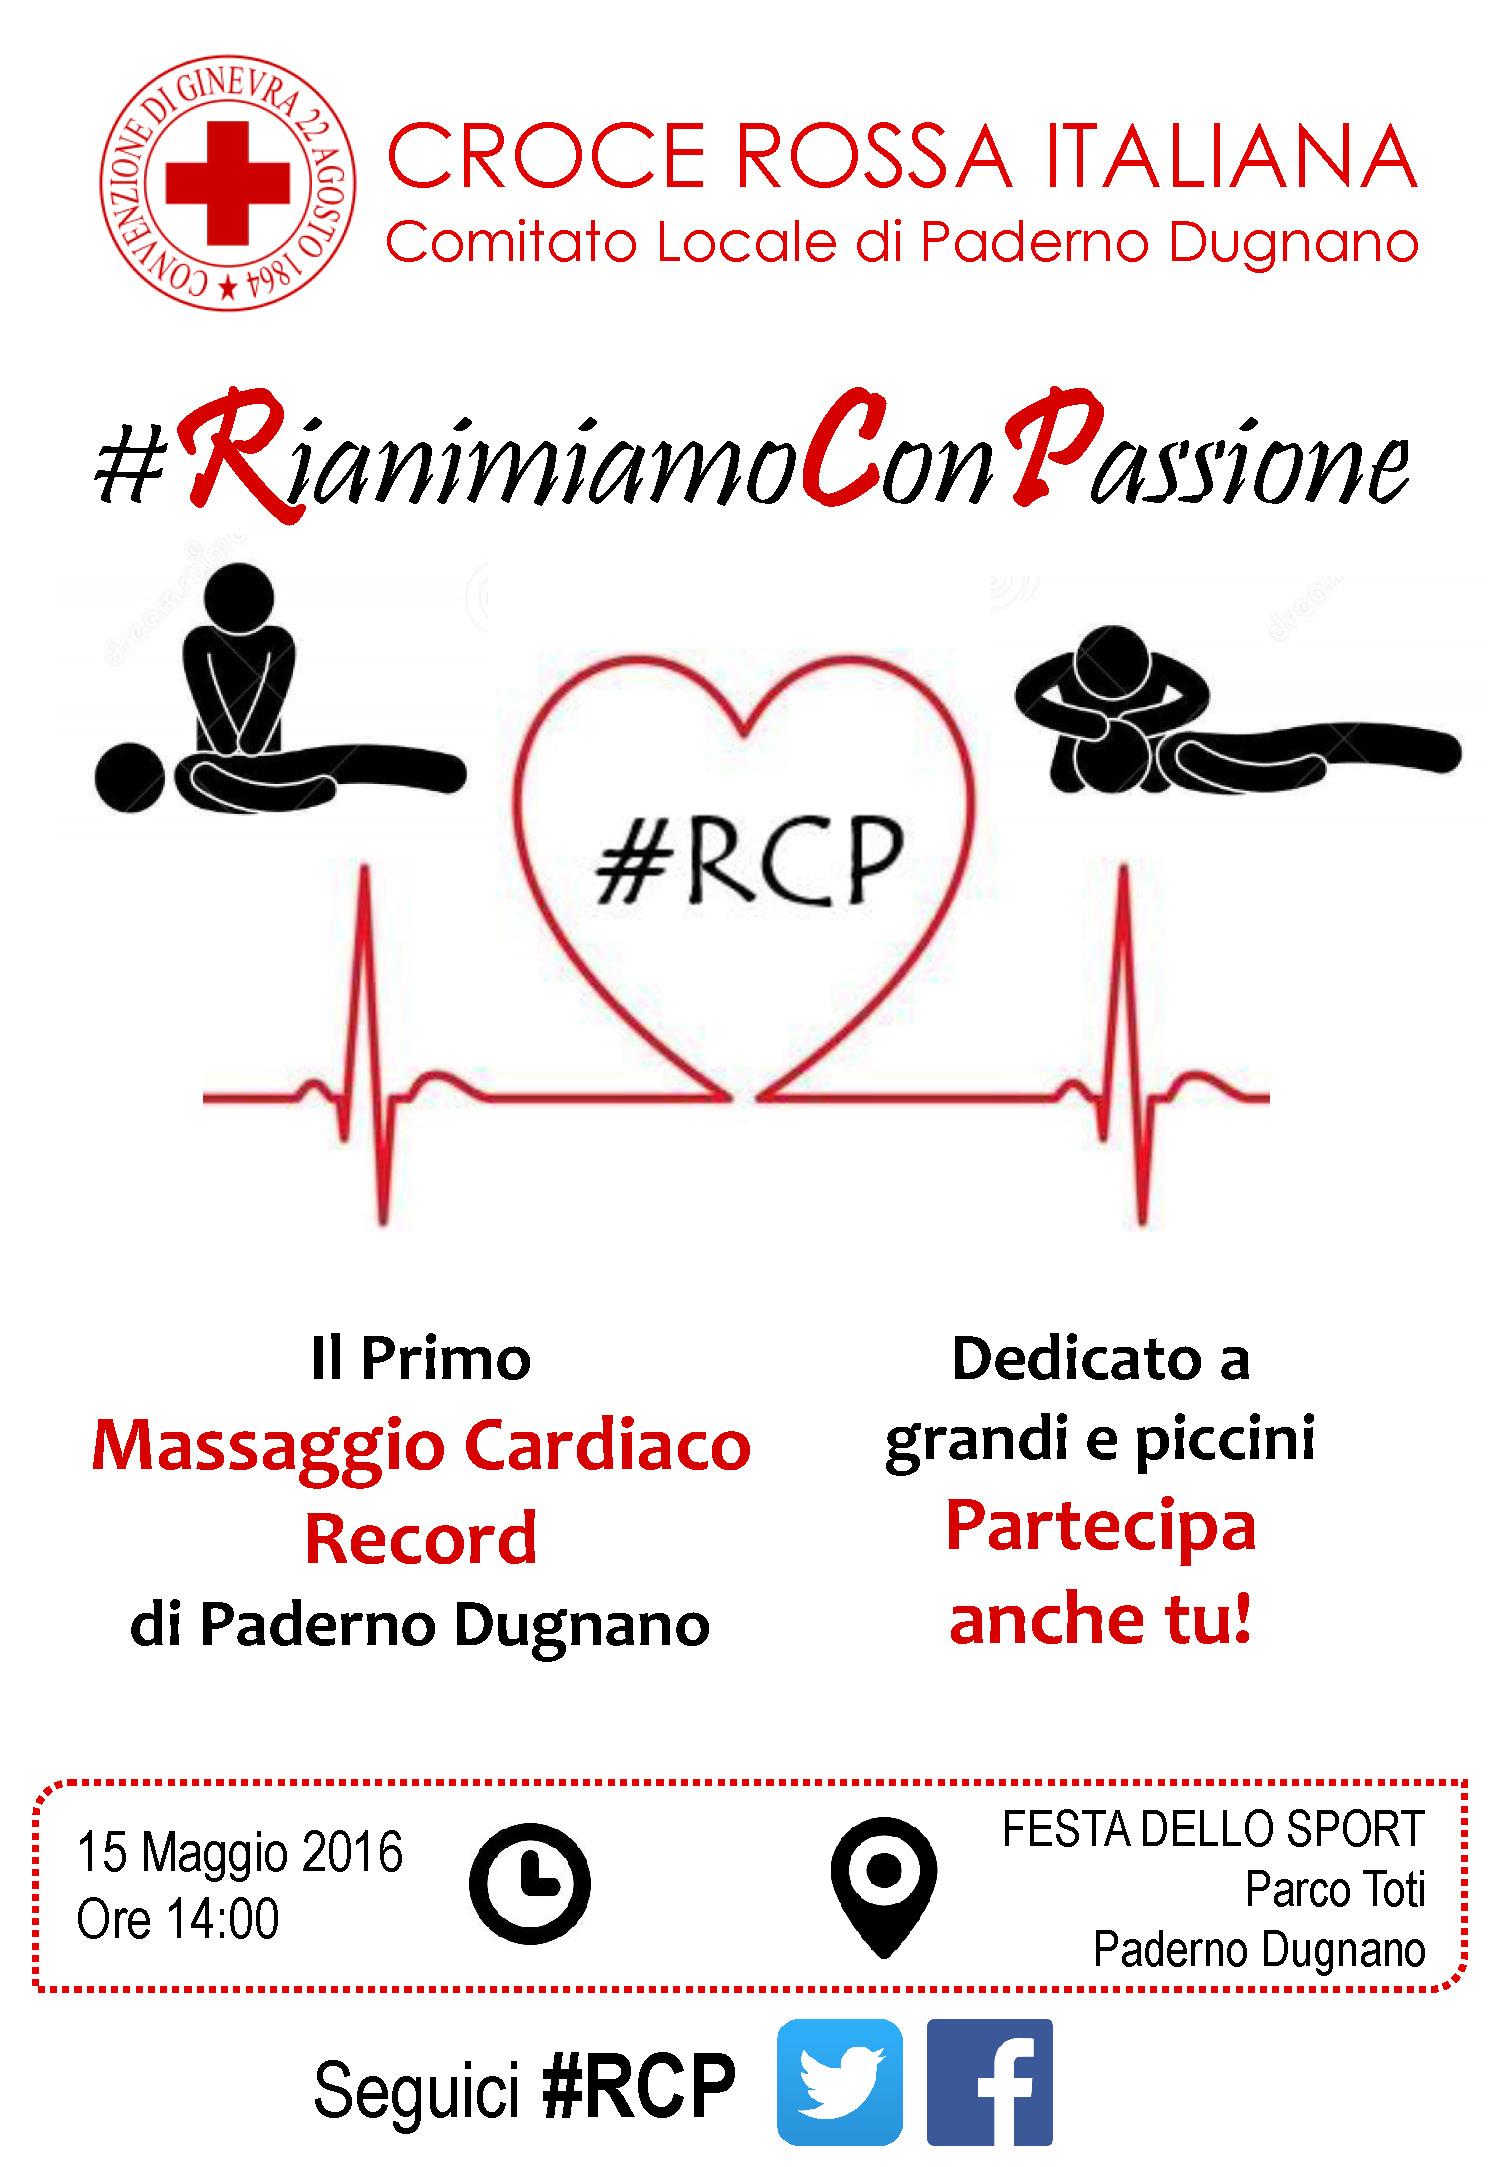 #RCP: Rianimiamo Con Passione - Volantino Fronte